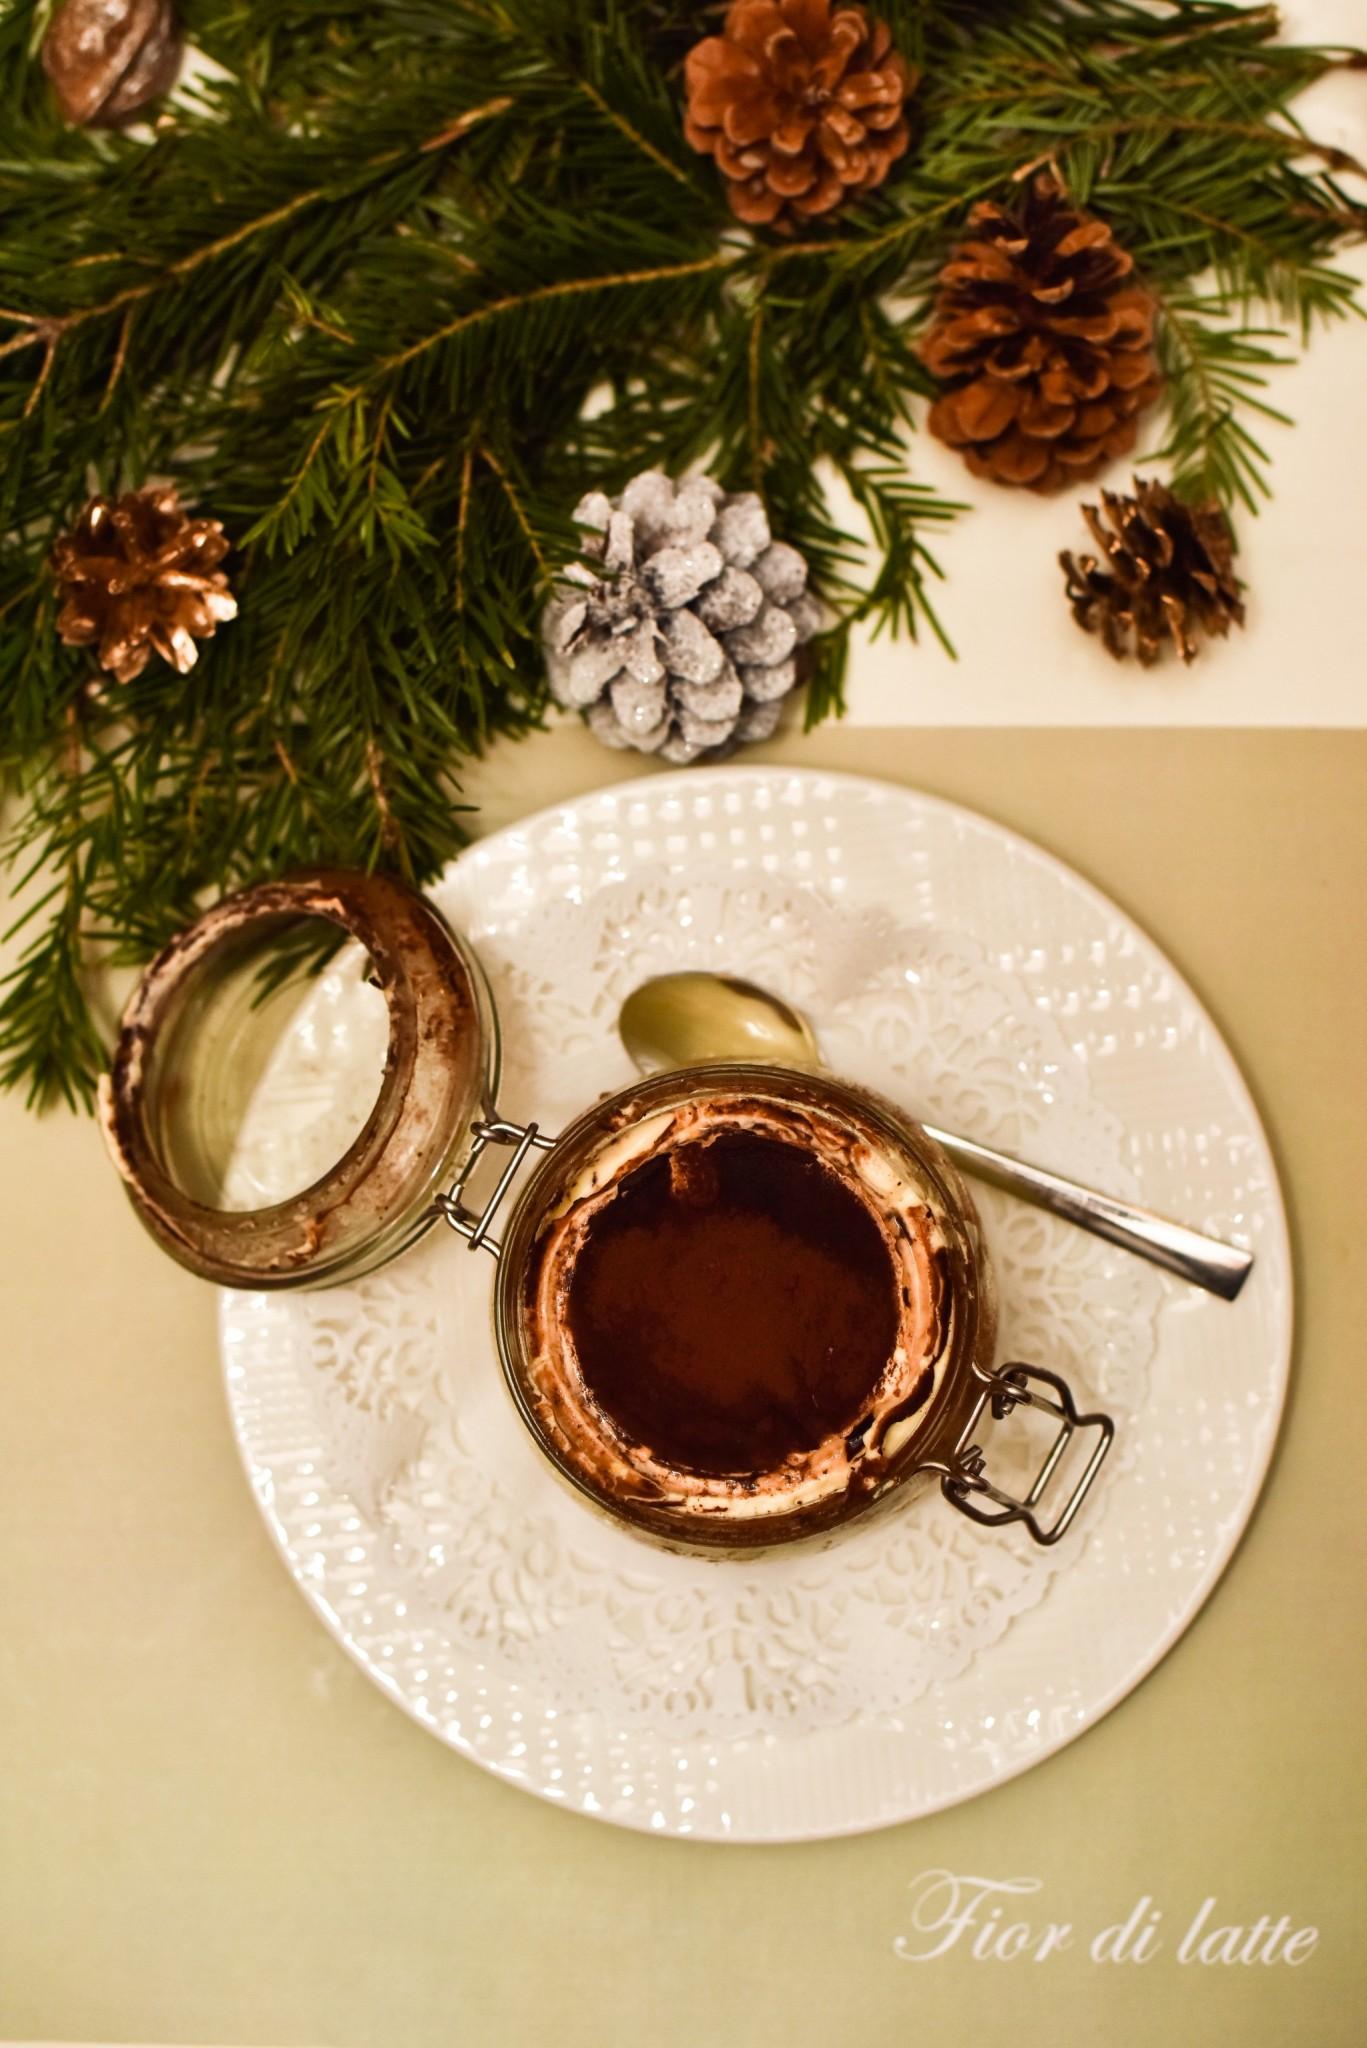 79Fabulous_Muses_Dinner_fior_di_latte_daian_enciu_alina_tanasa